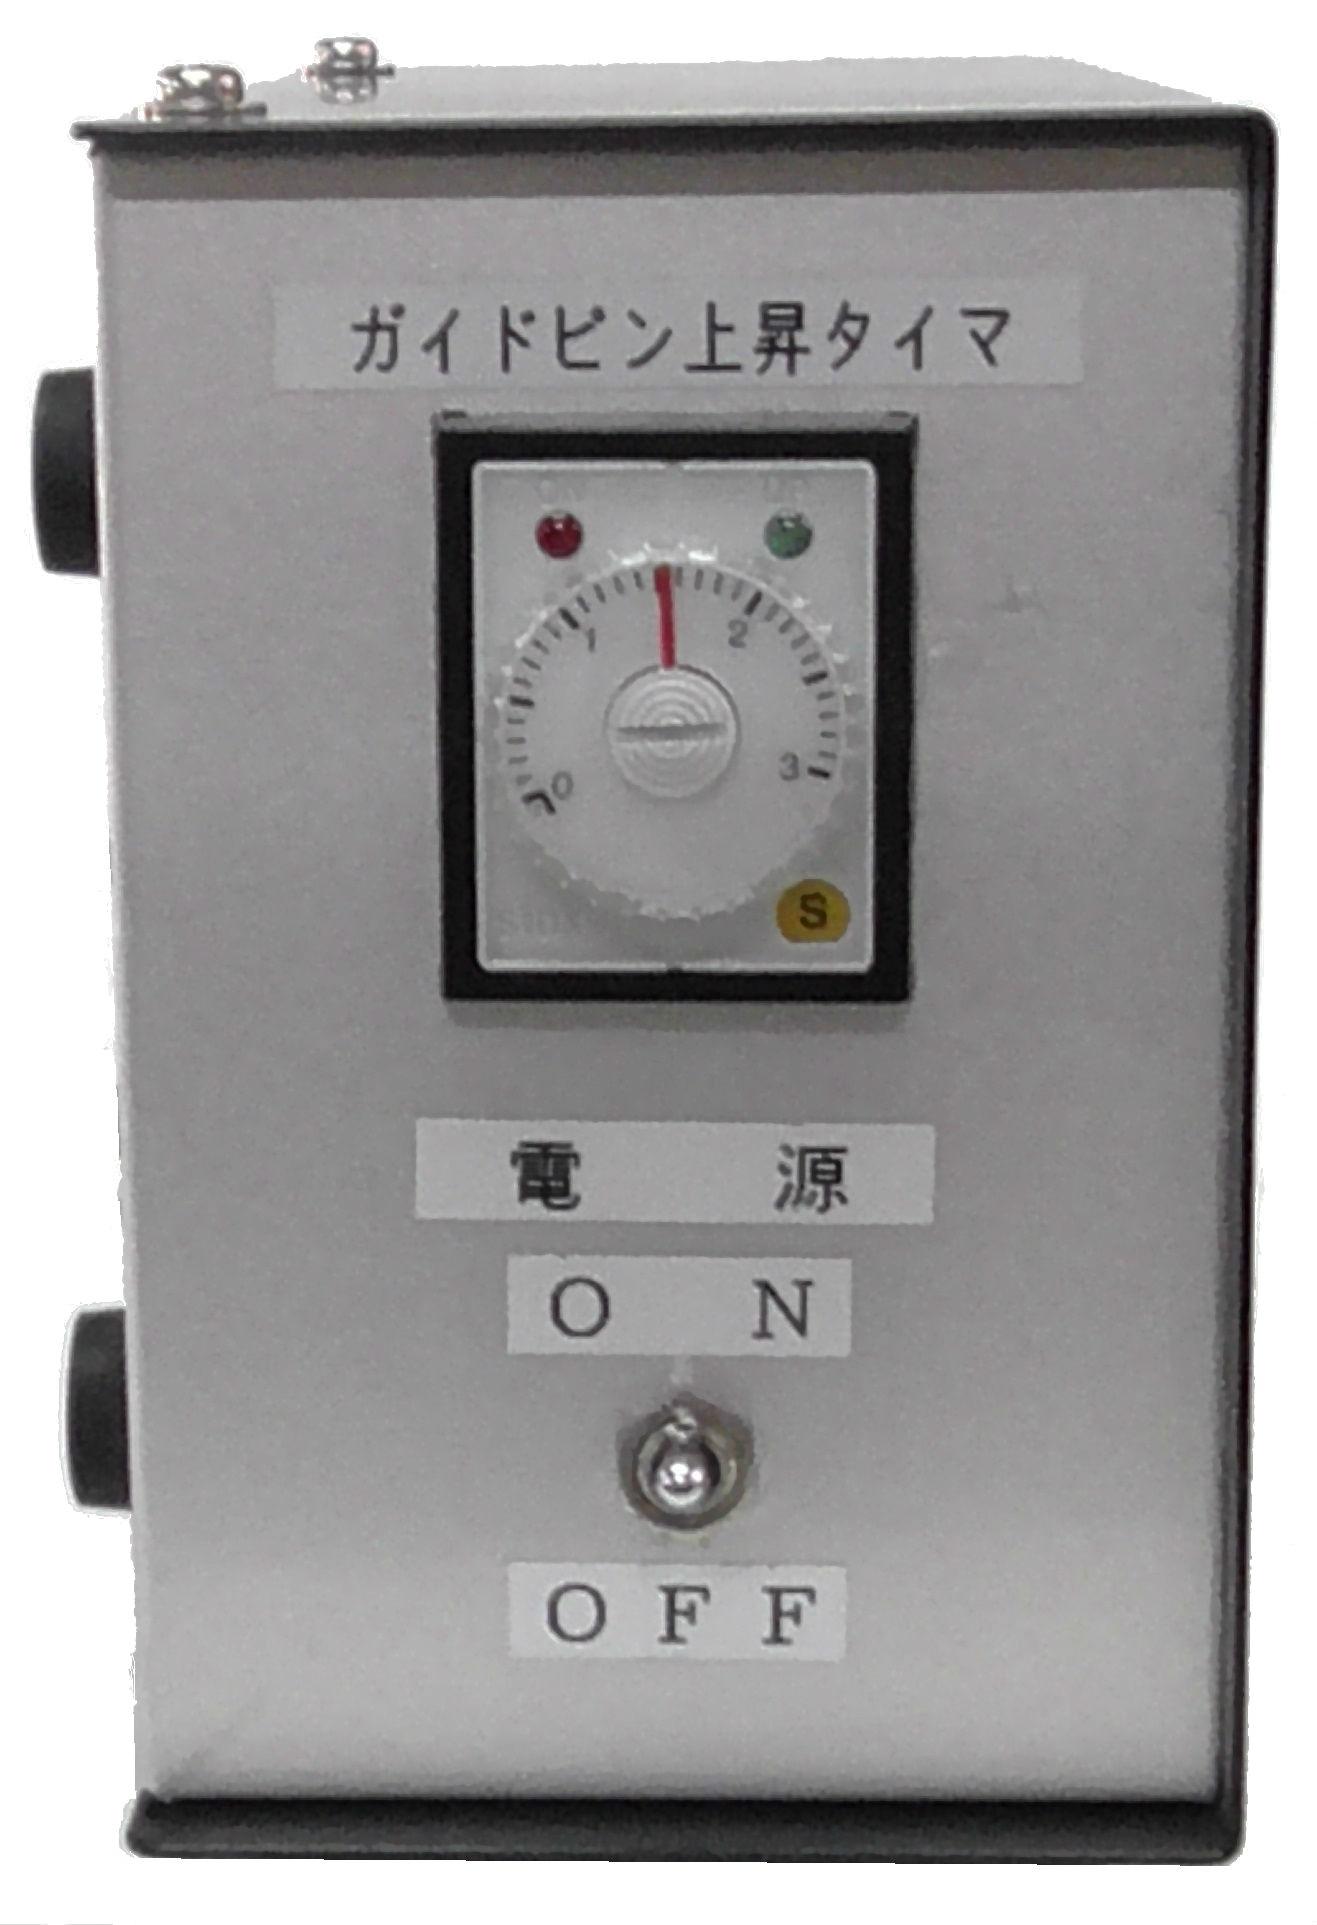 ぴん之助_制御Box